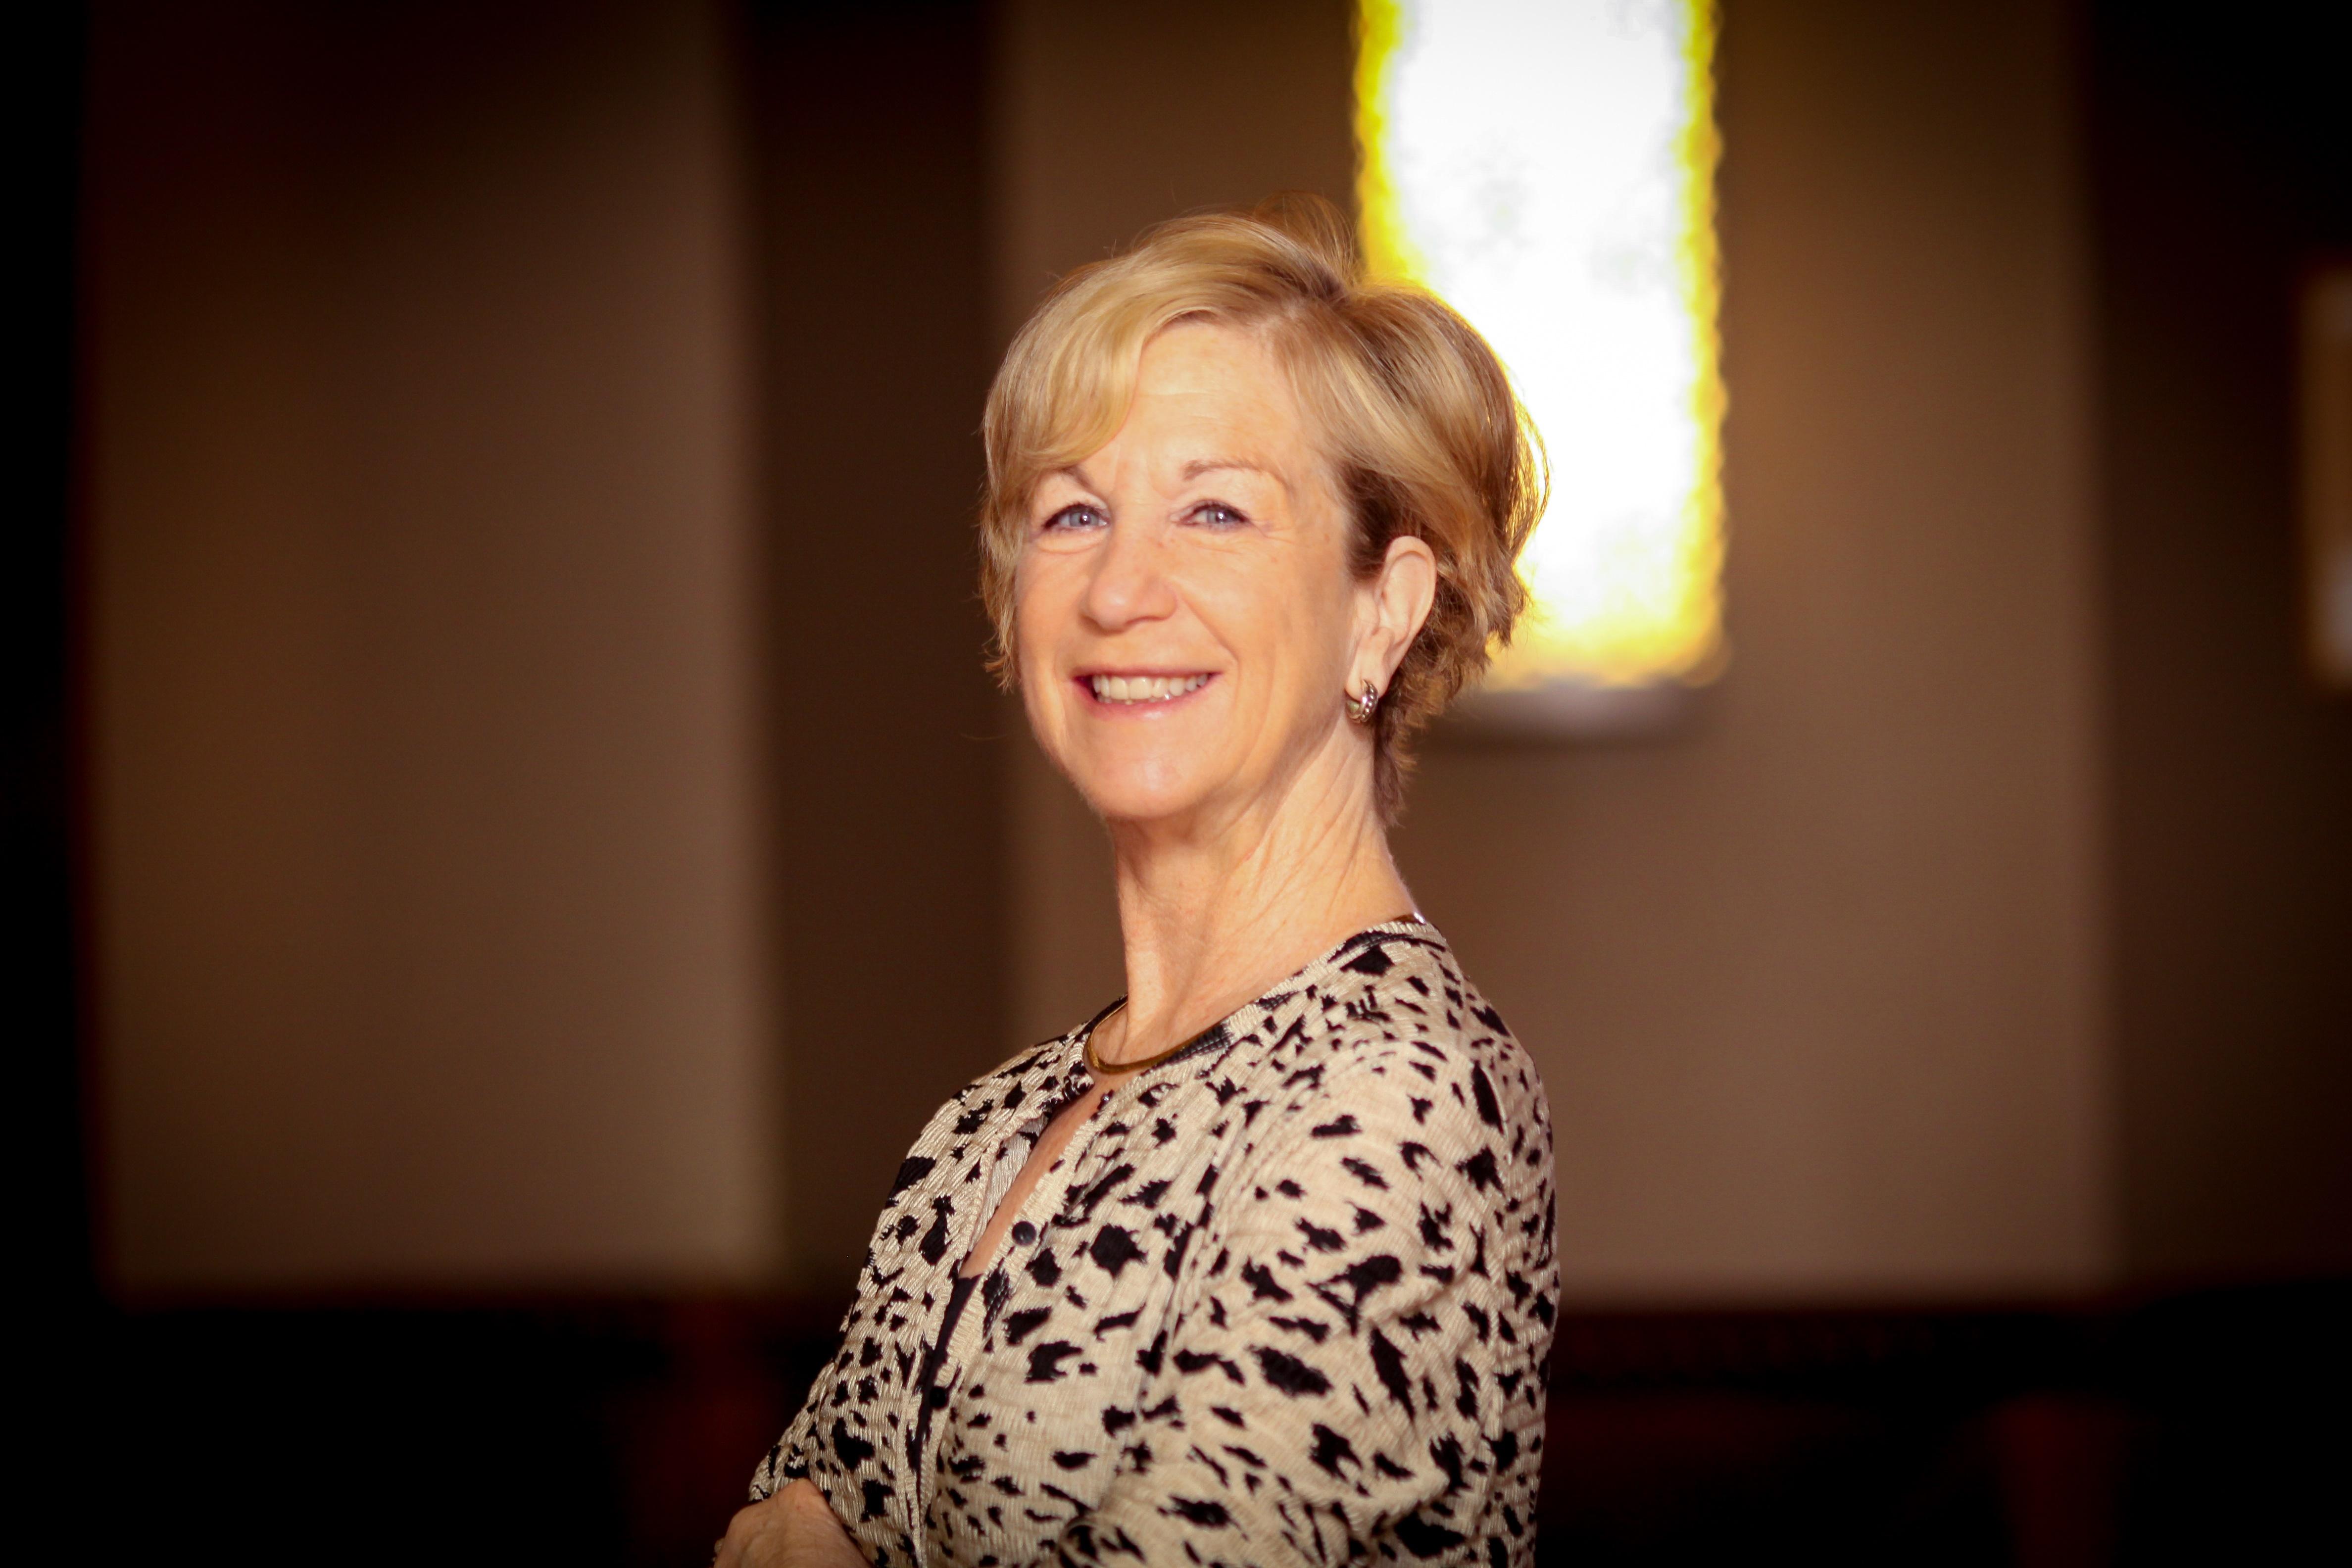 Guest Blogger: Peggy Winton, AIIM